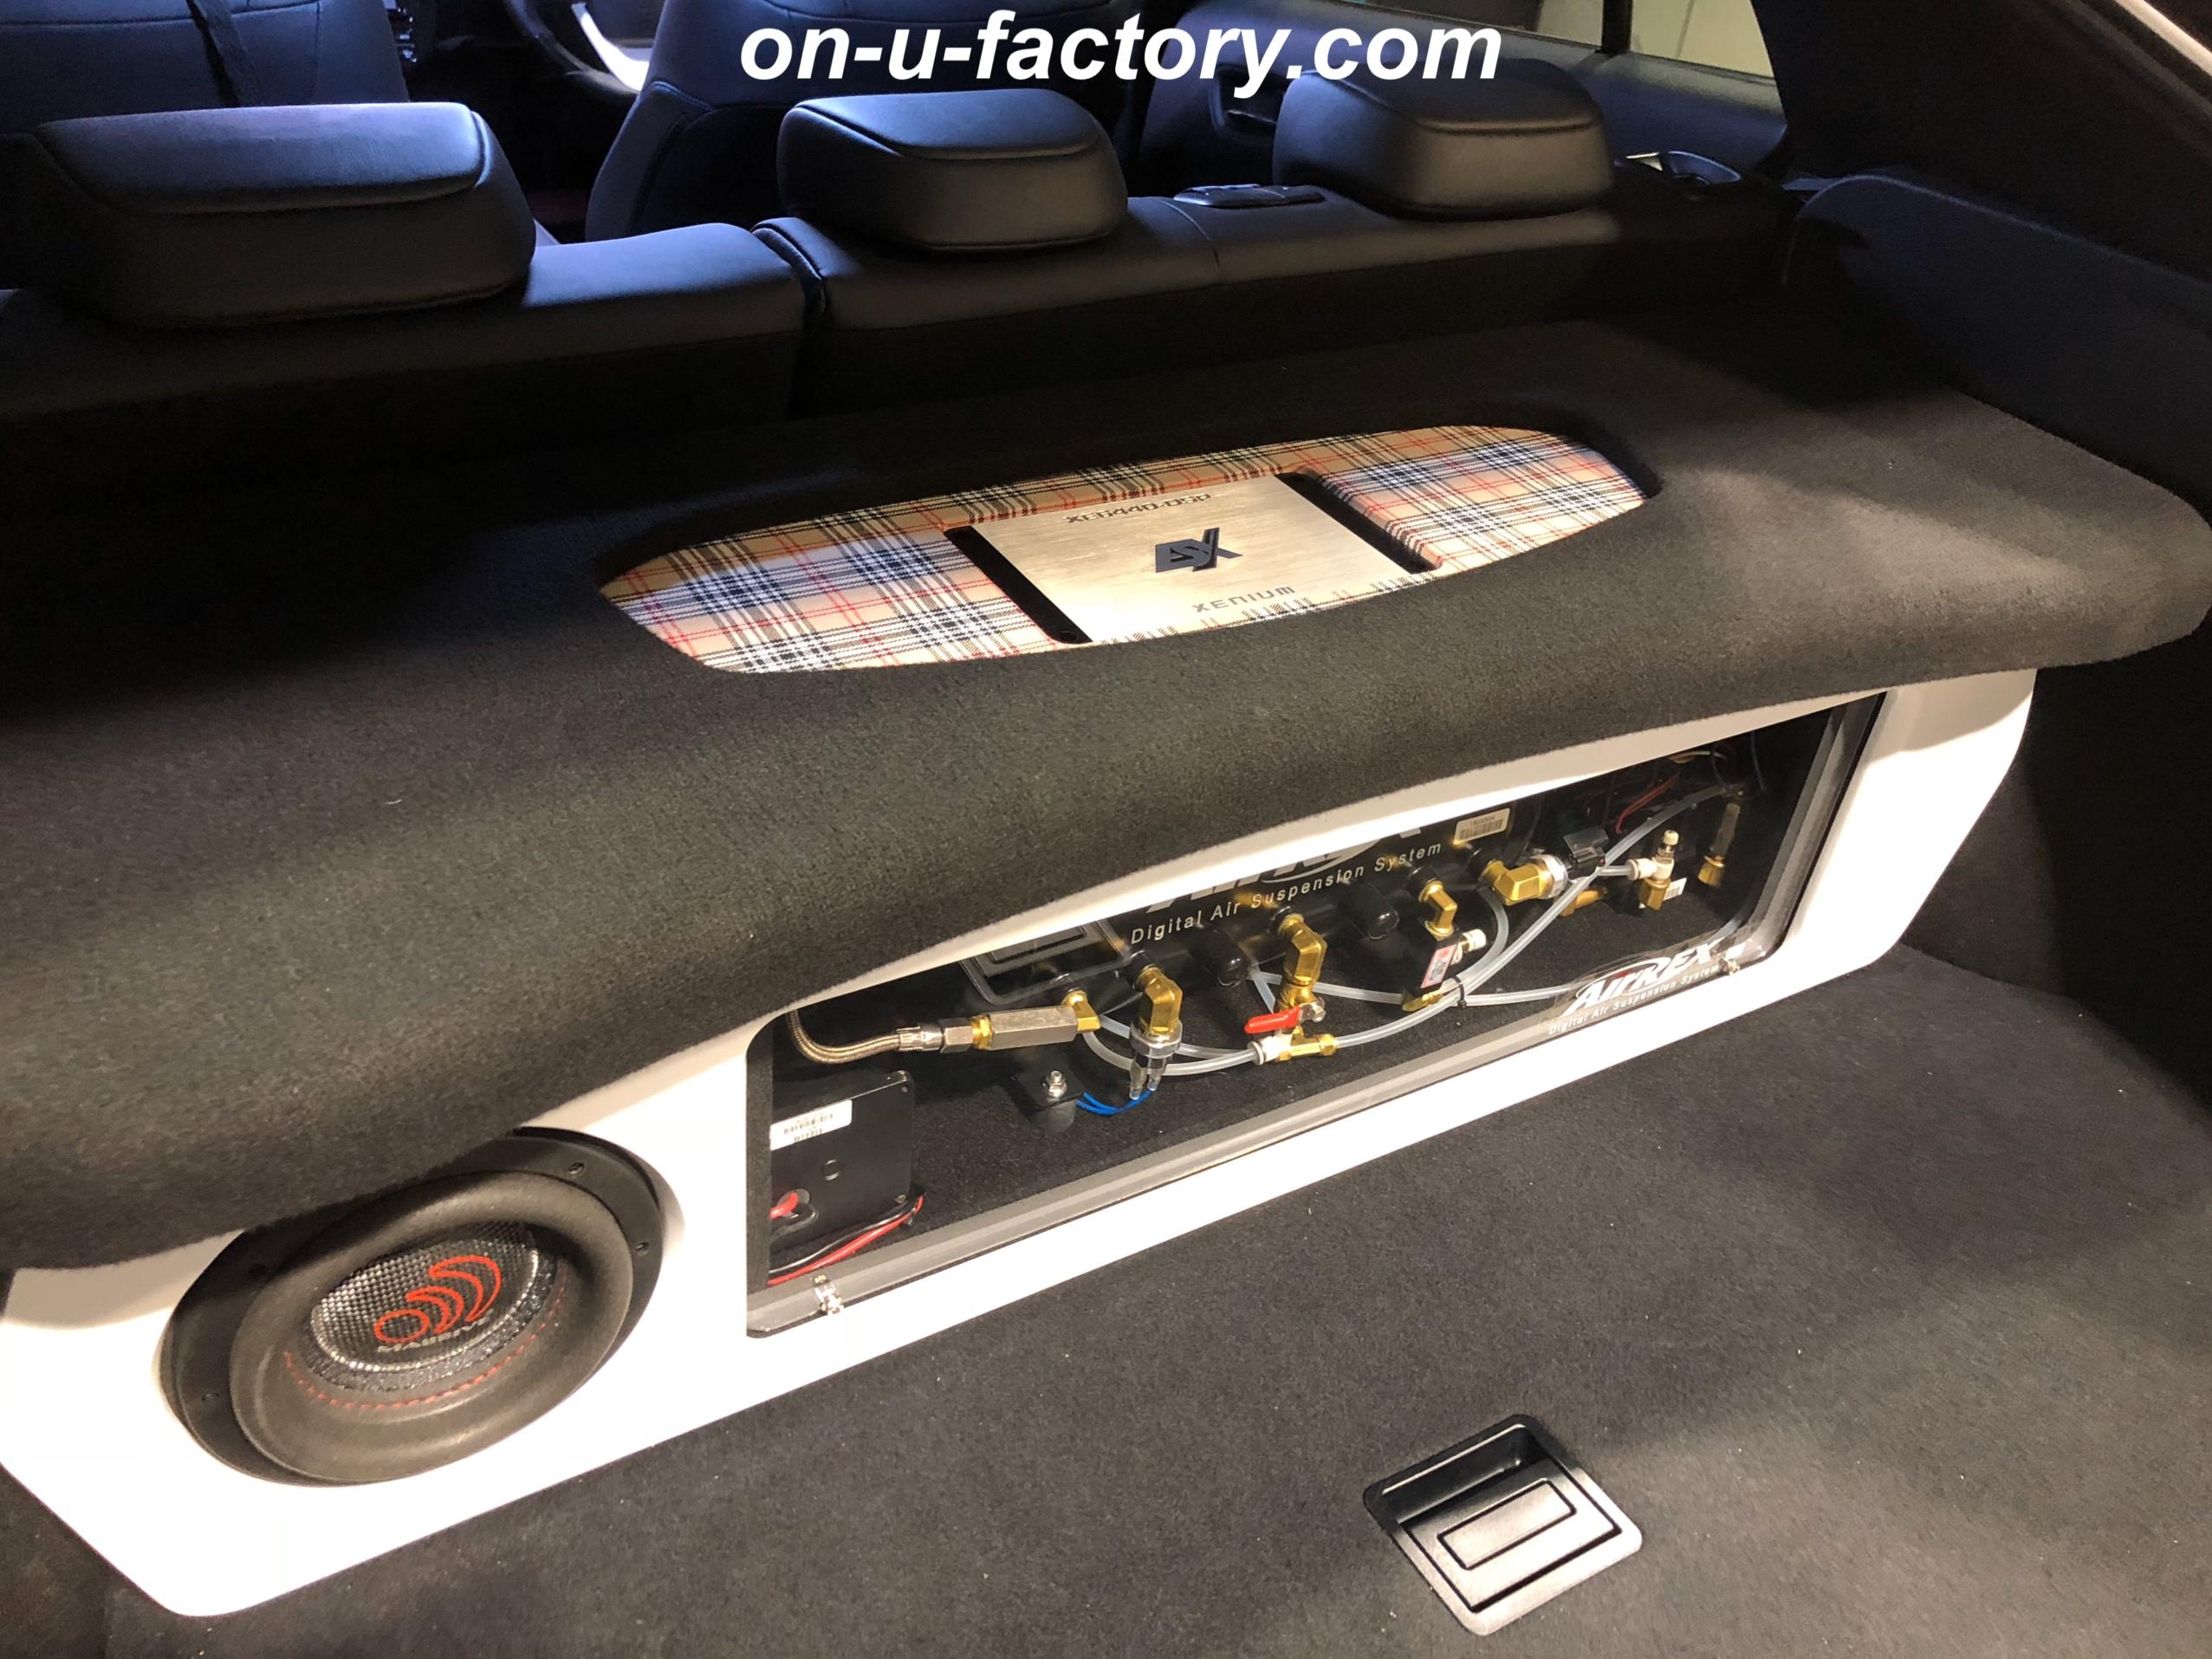 50プリウス 50PRIUS オンユーファクトリー onufactory PHD MASSIVEAUDIO ESXAUDIO アウターバッフル スラントバッフル ダブルミッド ツイーターマウント ウーファーボックス カスタムカーオーディオ オーディオカスタム オーディオインストール カーオーディオカスタム